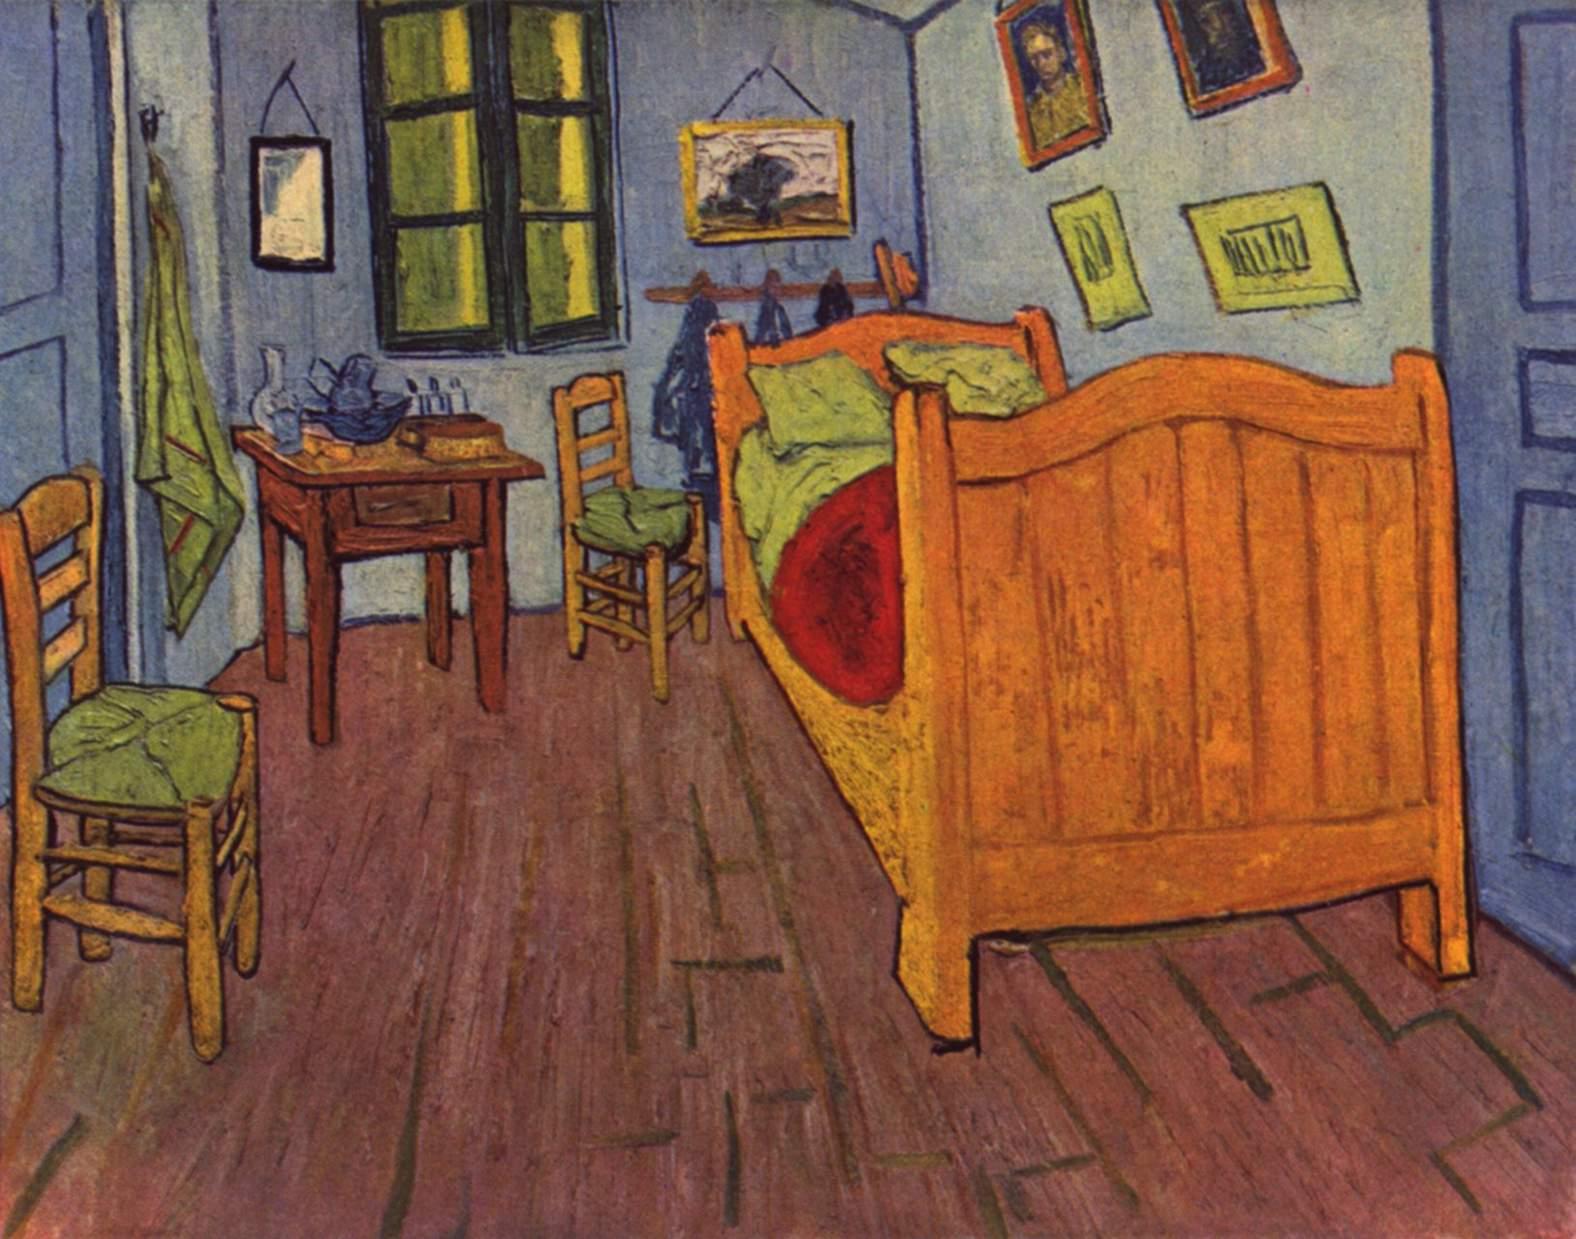 La chambre de van gogh arles - Descrizione di una camera da letto ...